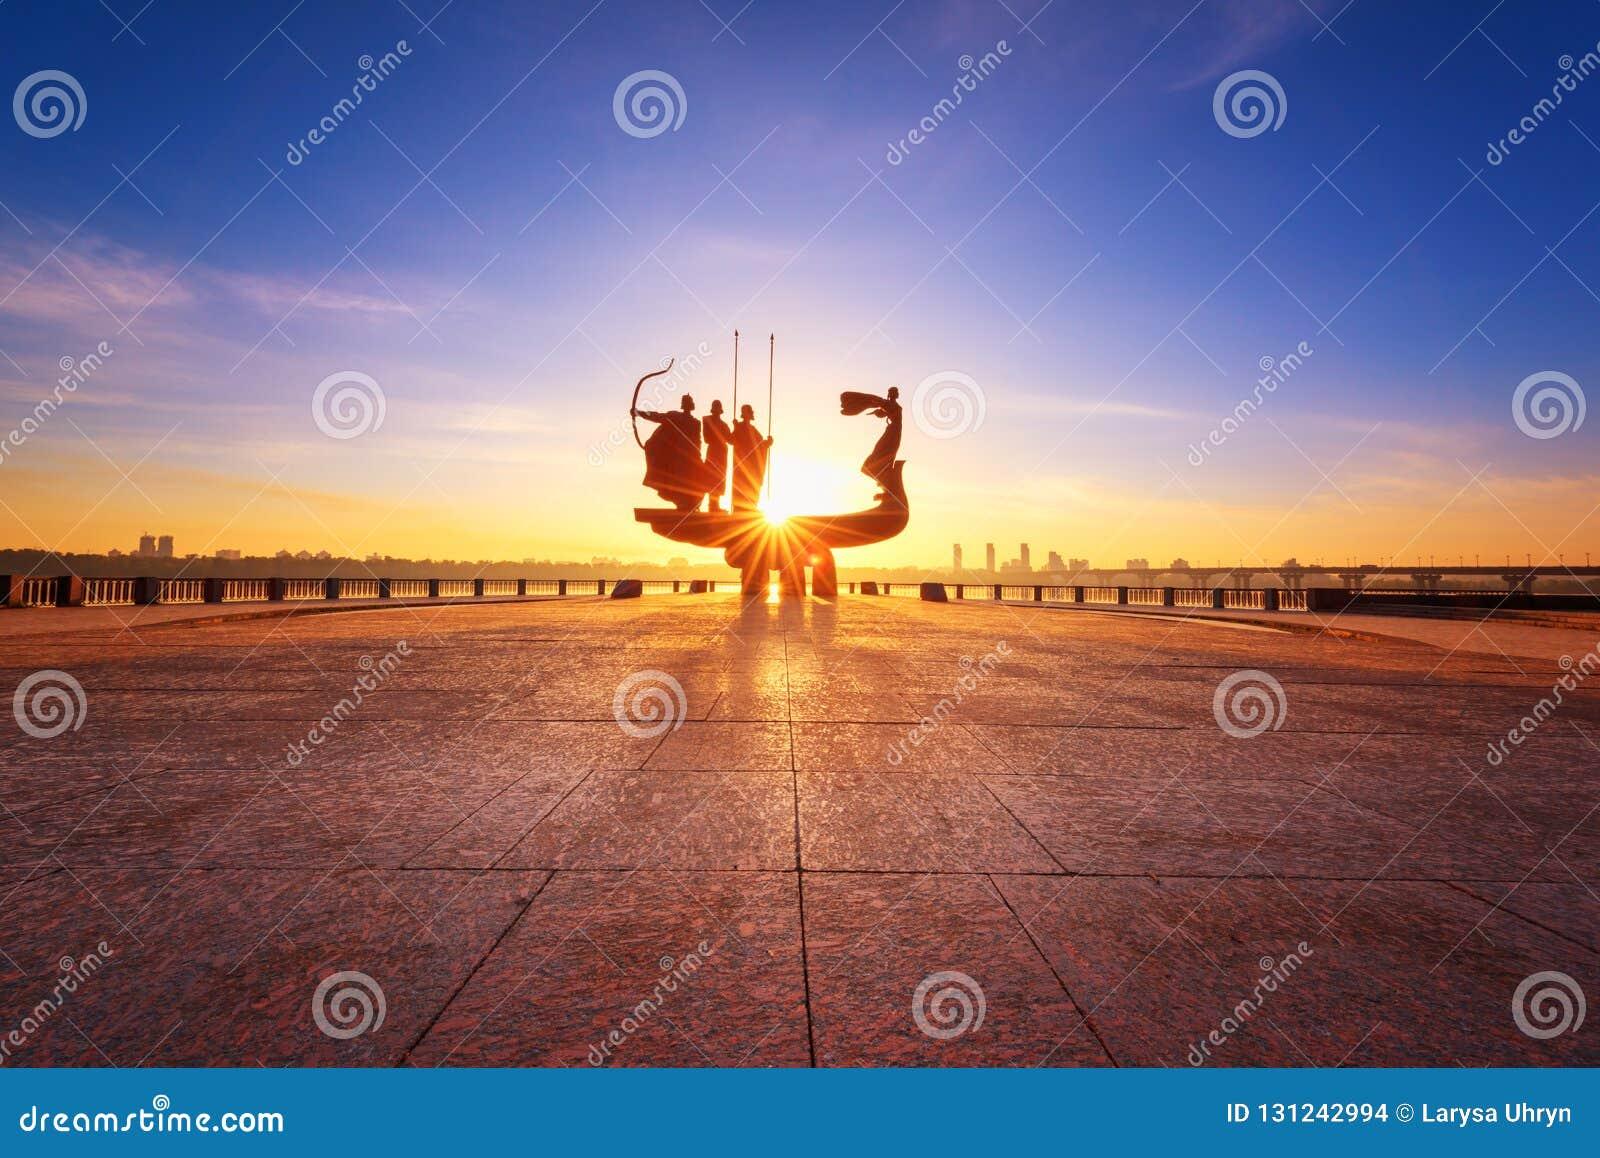 基辅,乌克兰- 2018年5月05日:对基辅基辅的创建者的纪念碑日出、广角看法与天空蔚蓝和黄色太阳的